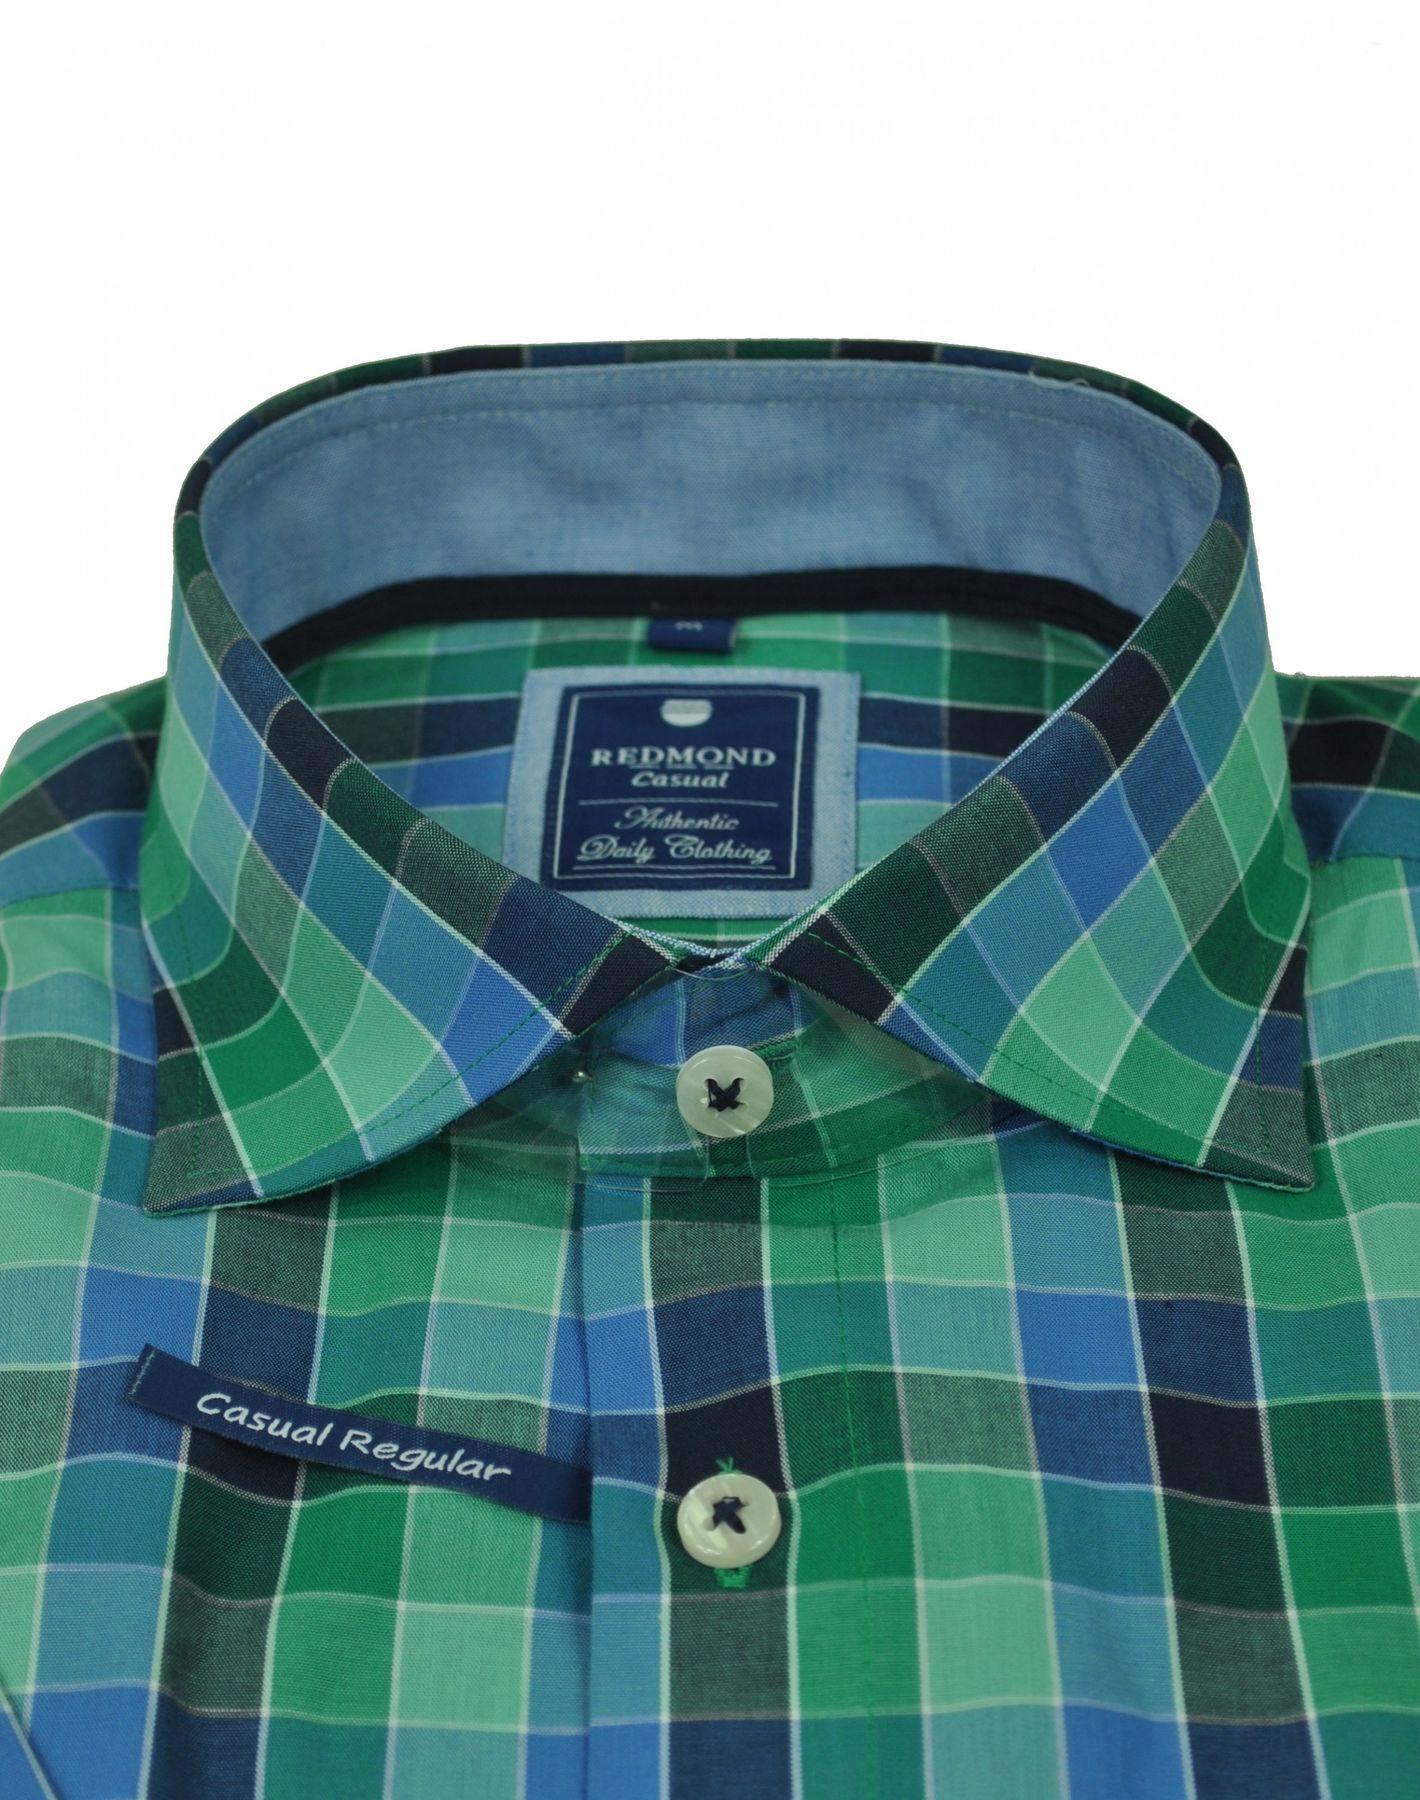 Redmond - Regular Fit - Herren Kurzarm Hemd mit Haifisch Kragen (71130999/-993) – Bild 2